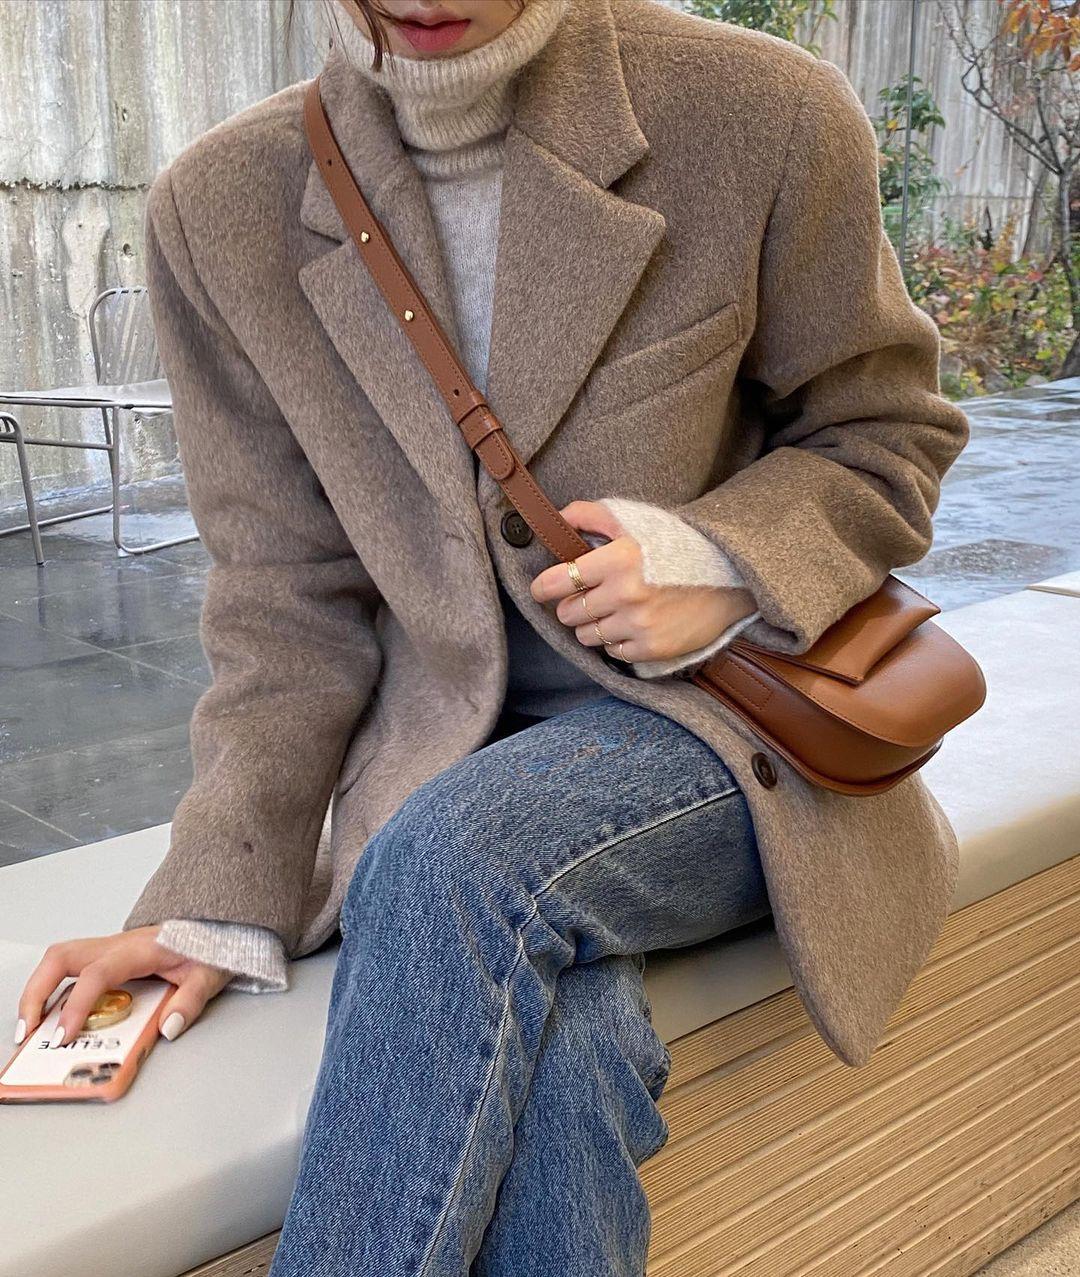 5 mẫu áo quá hợp để diện cùng blazer, bạn cần biết hết để không bao giờ thất bại trong chuyện mặc đẹp 18